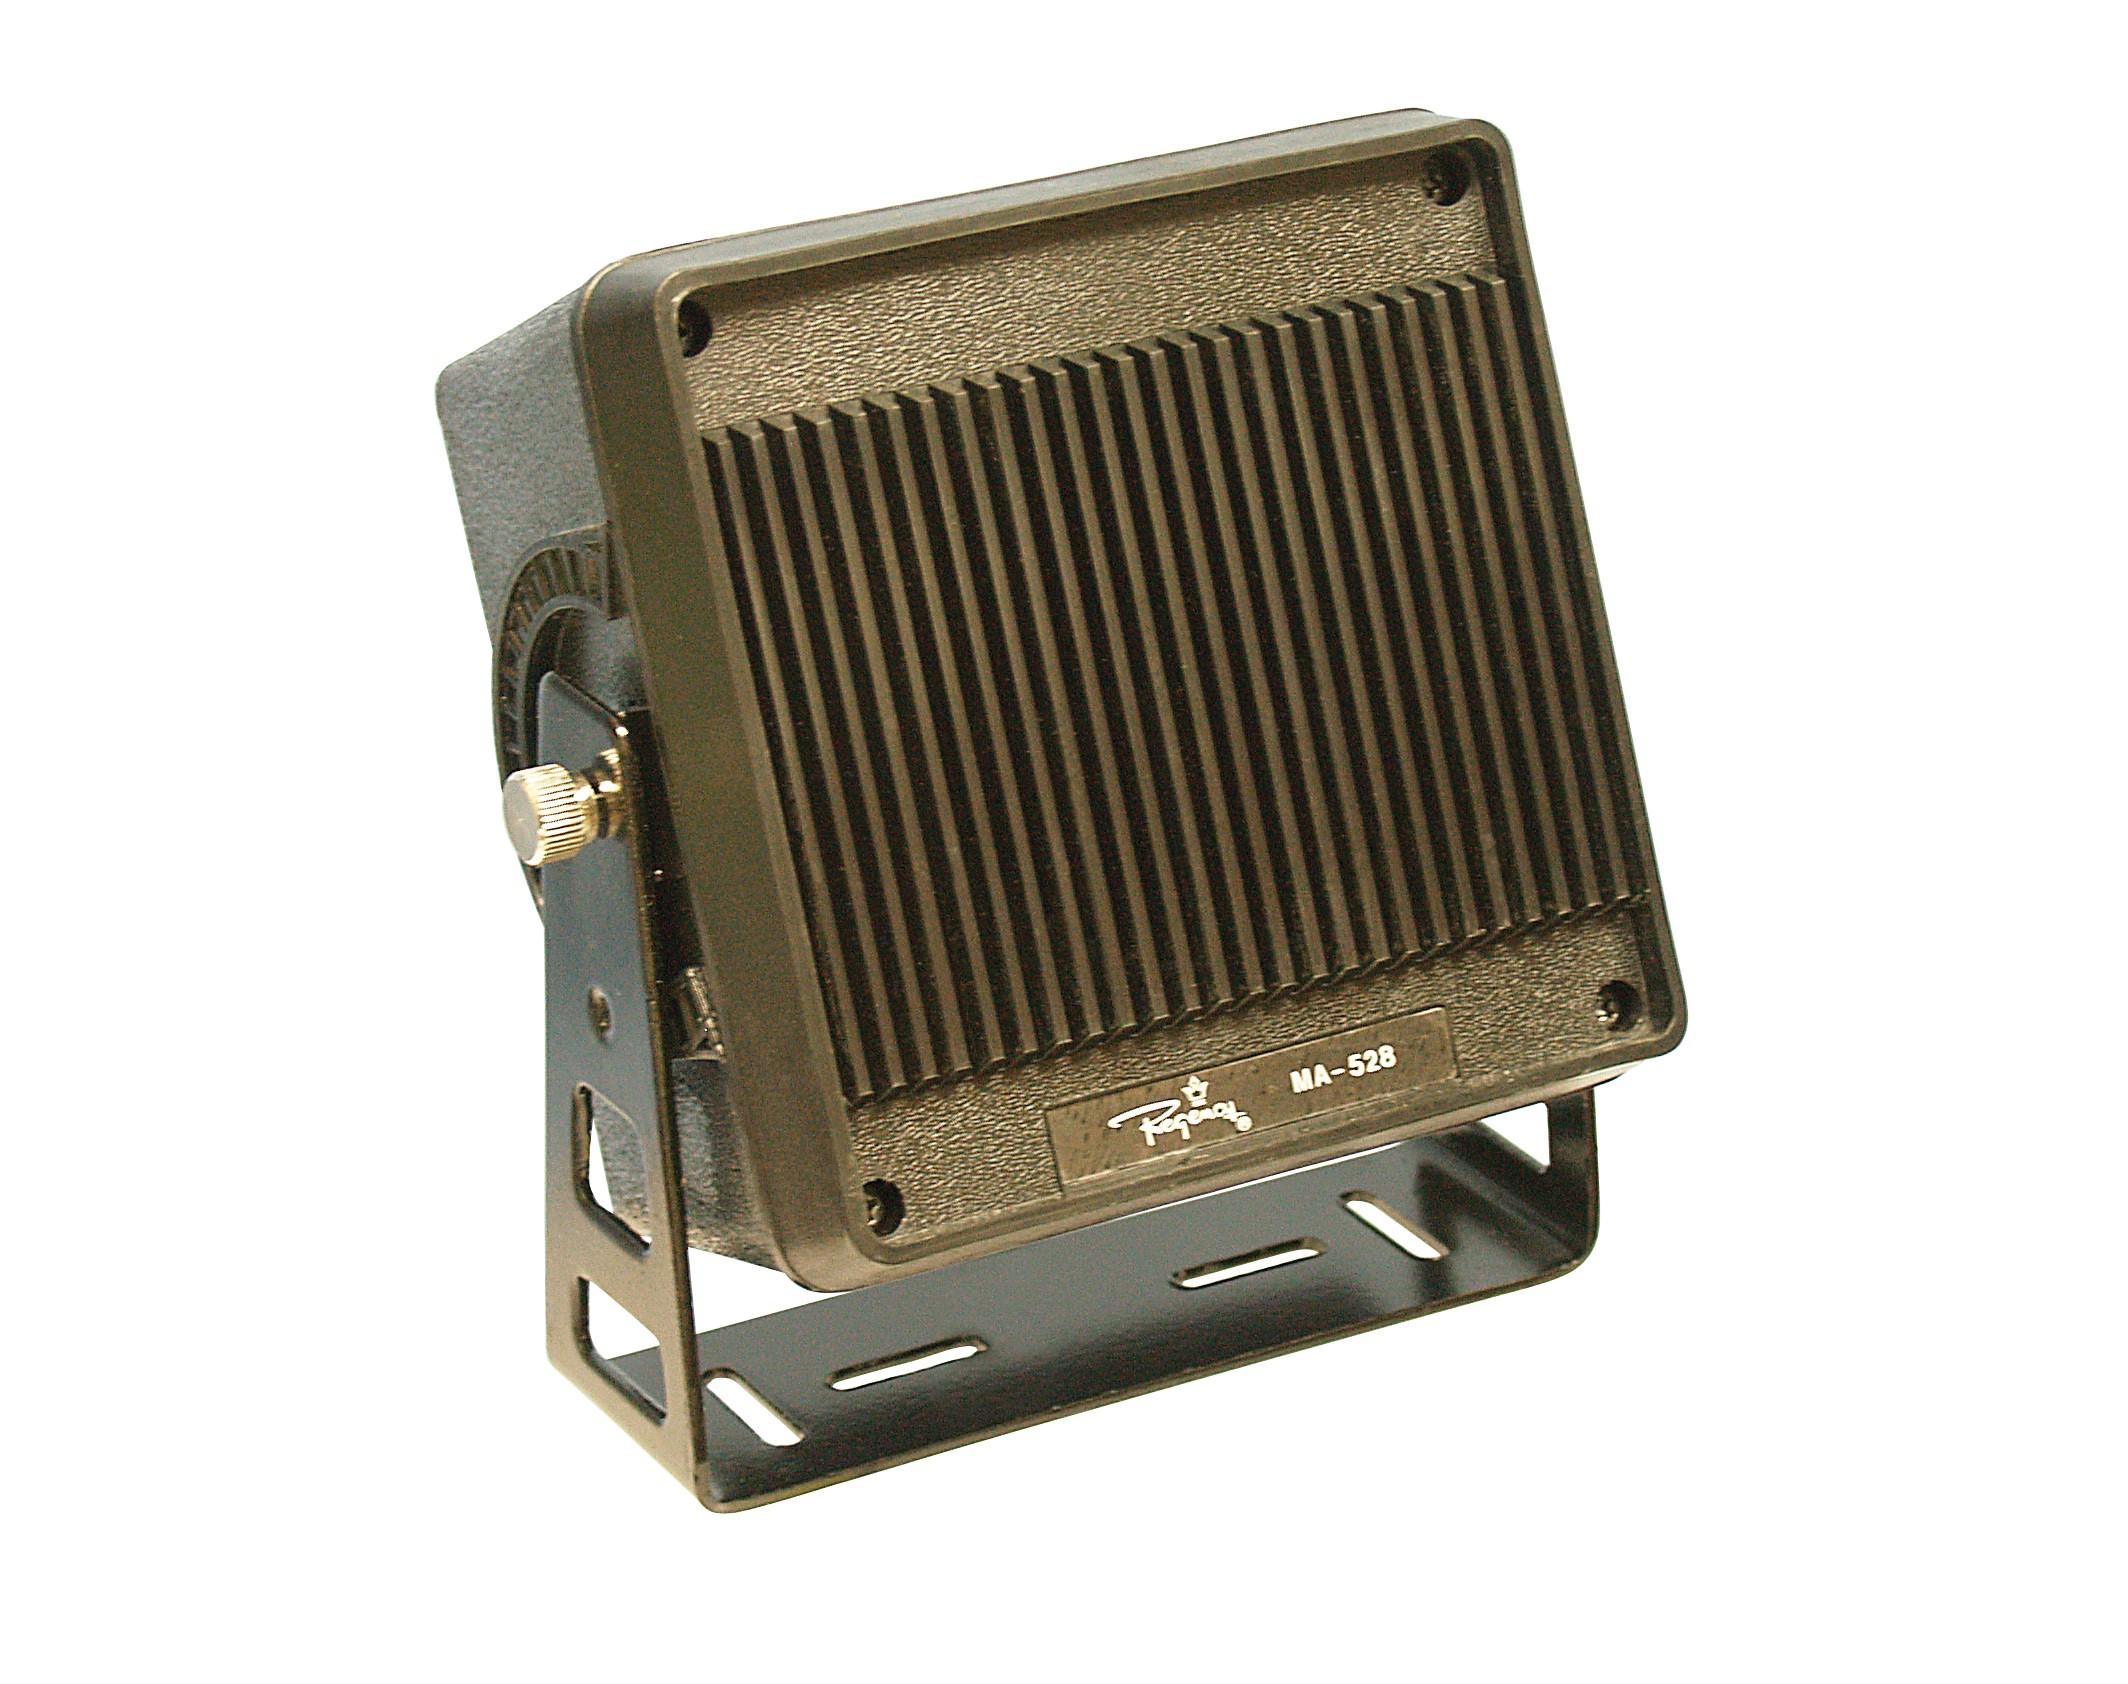 MA528 Speaker, square w/bracket, 16ohm 3w w/10ft cable,Regency 4-1/2 x 4-1/2 x 3